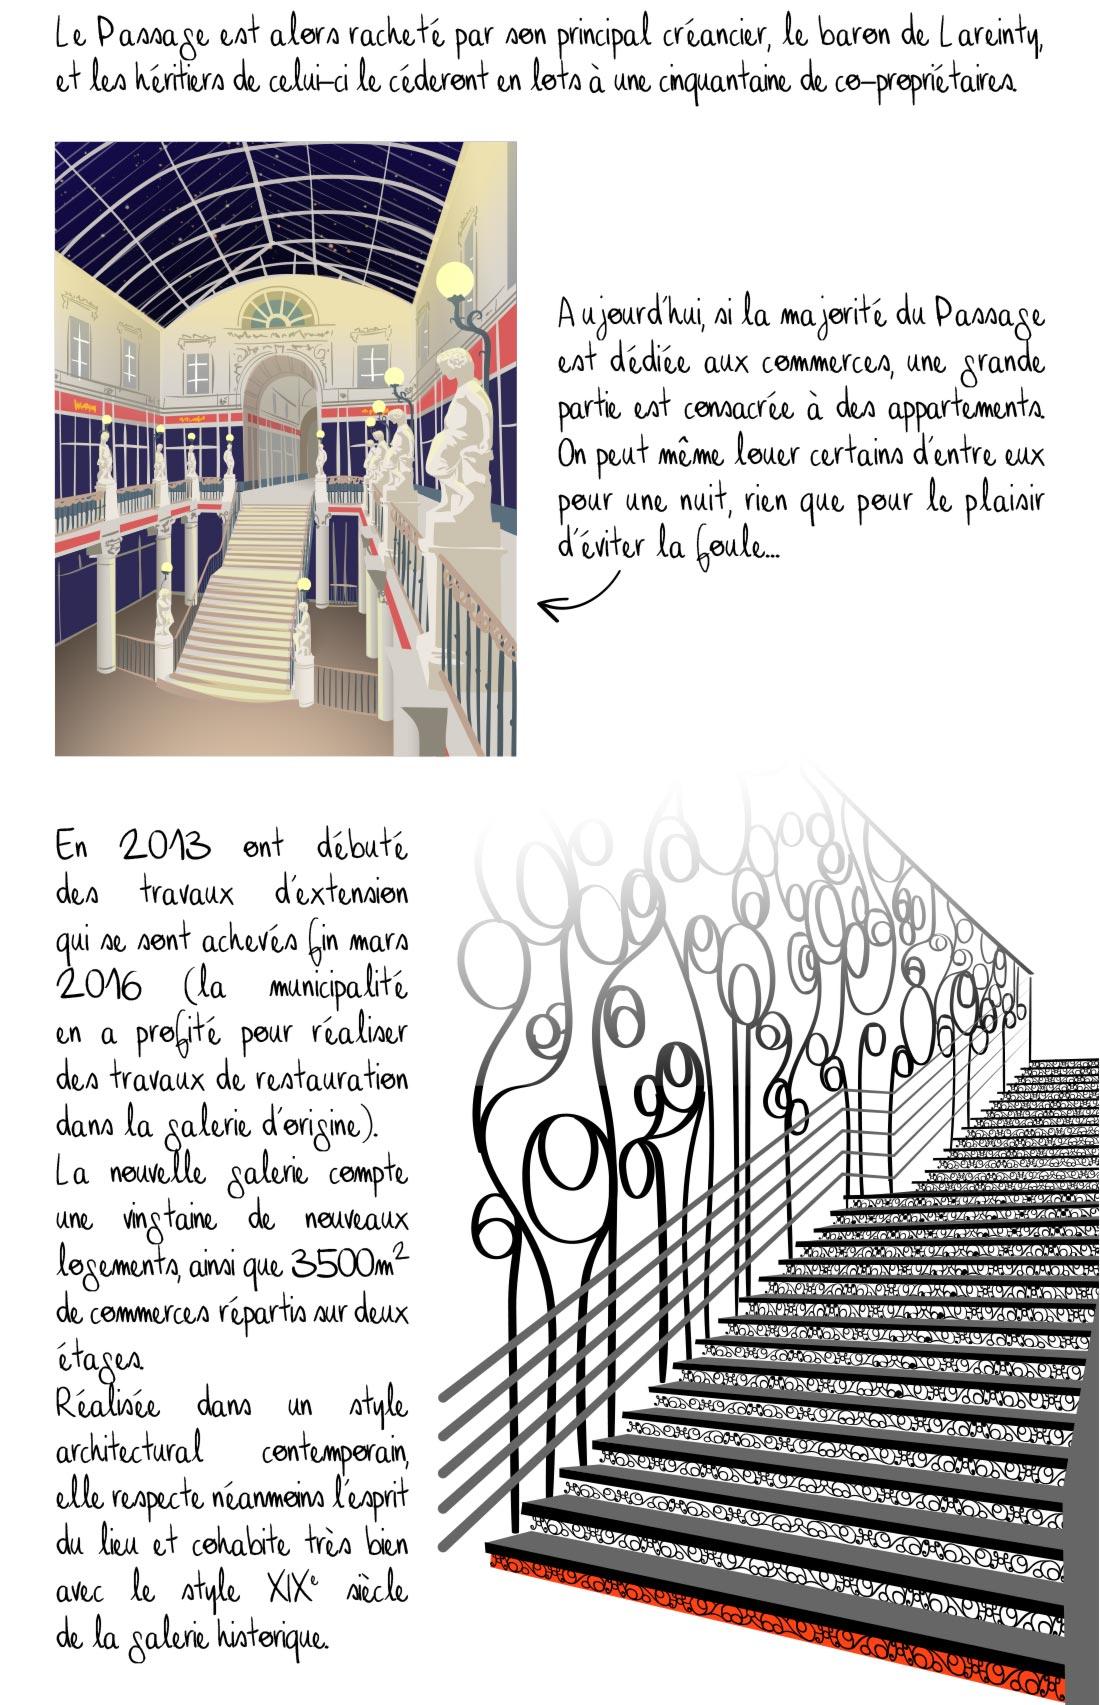 Histoire du passage Pommeraye, Nantes, partie 3